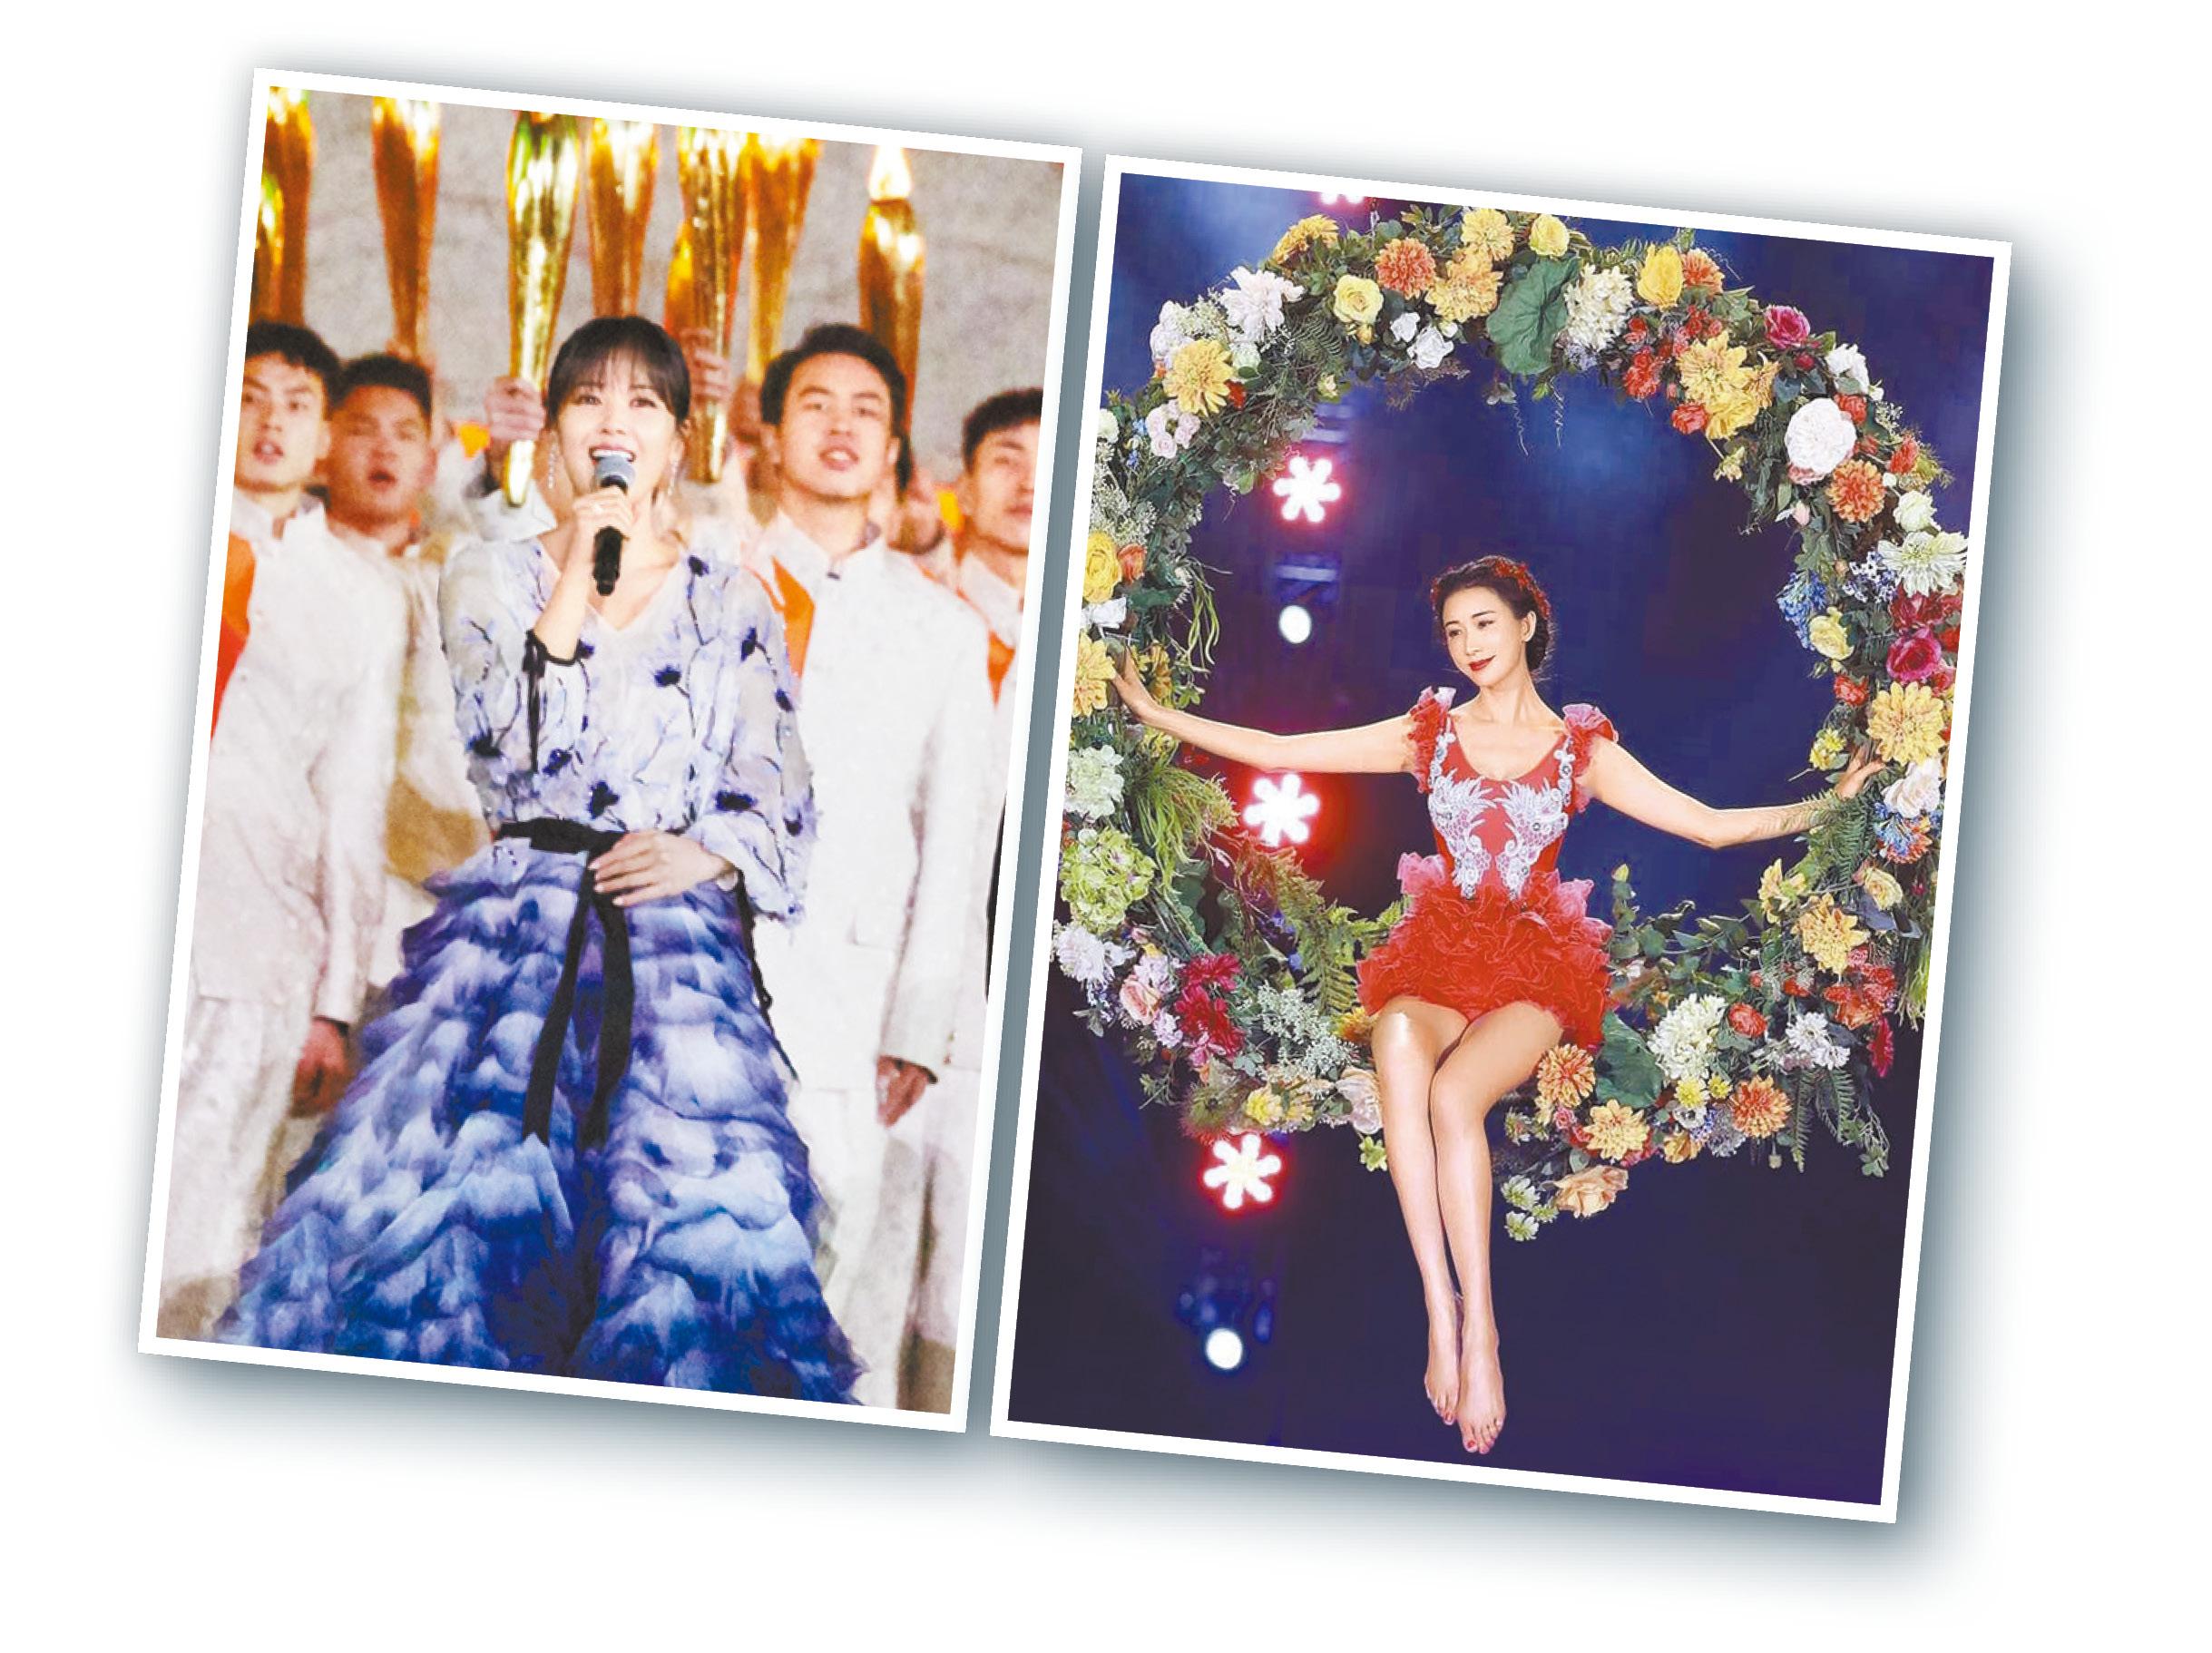 劉濤(左)與林志玲(右)獲讚美麗動人。網上圖片